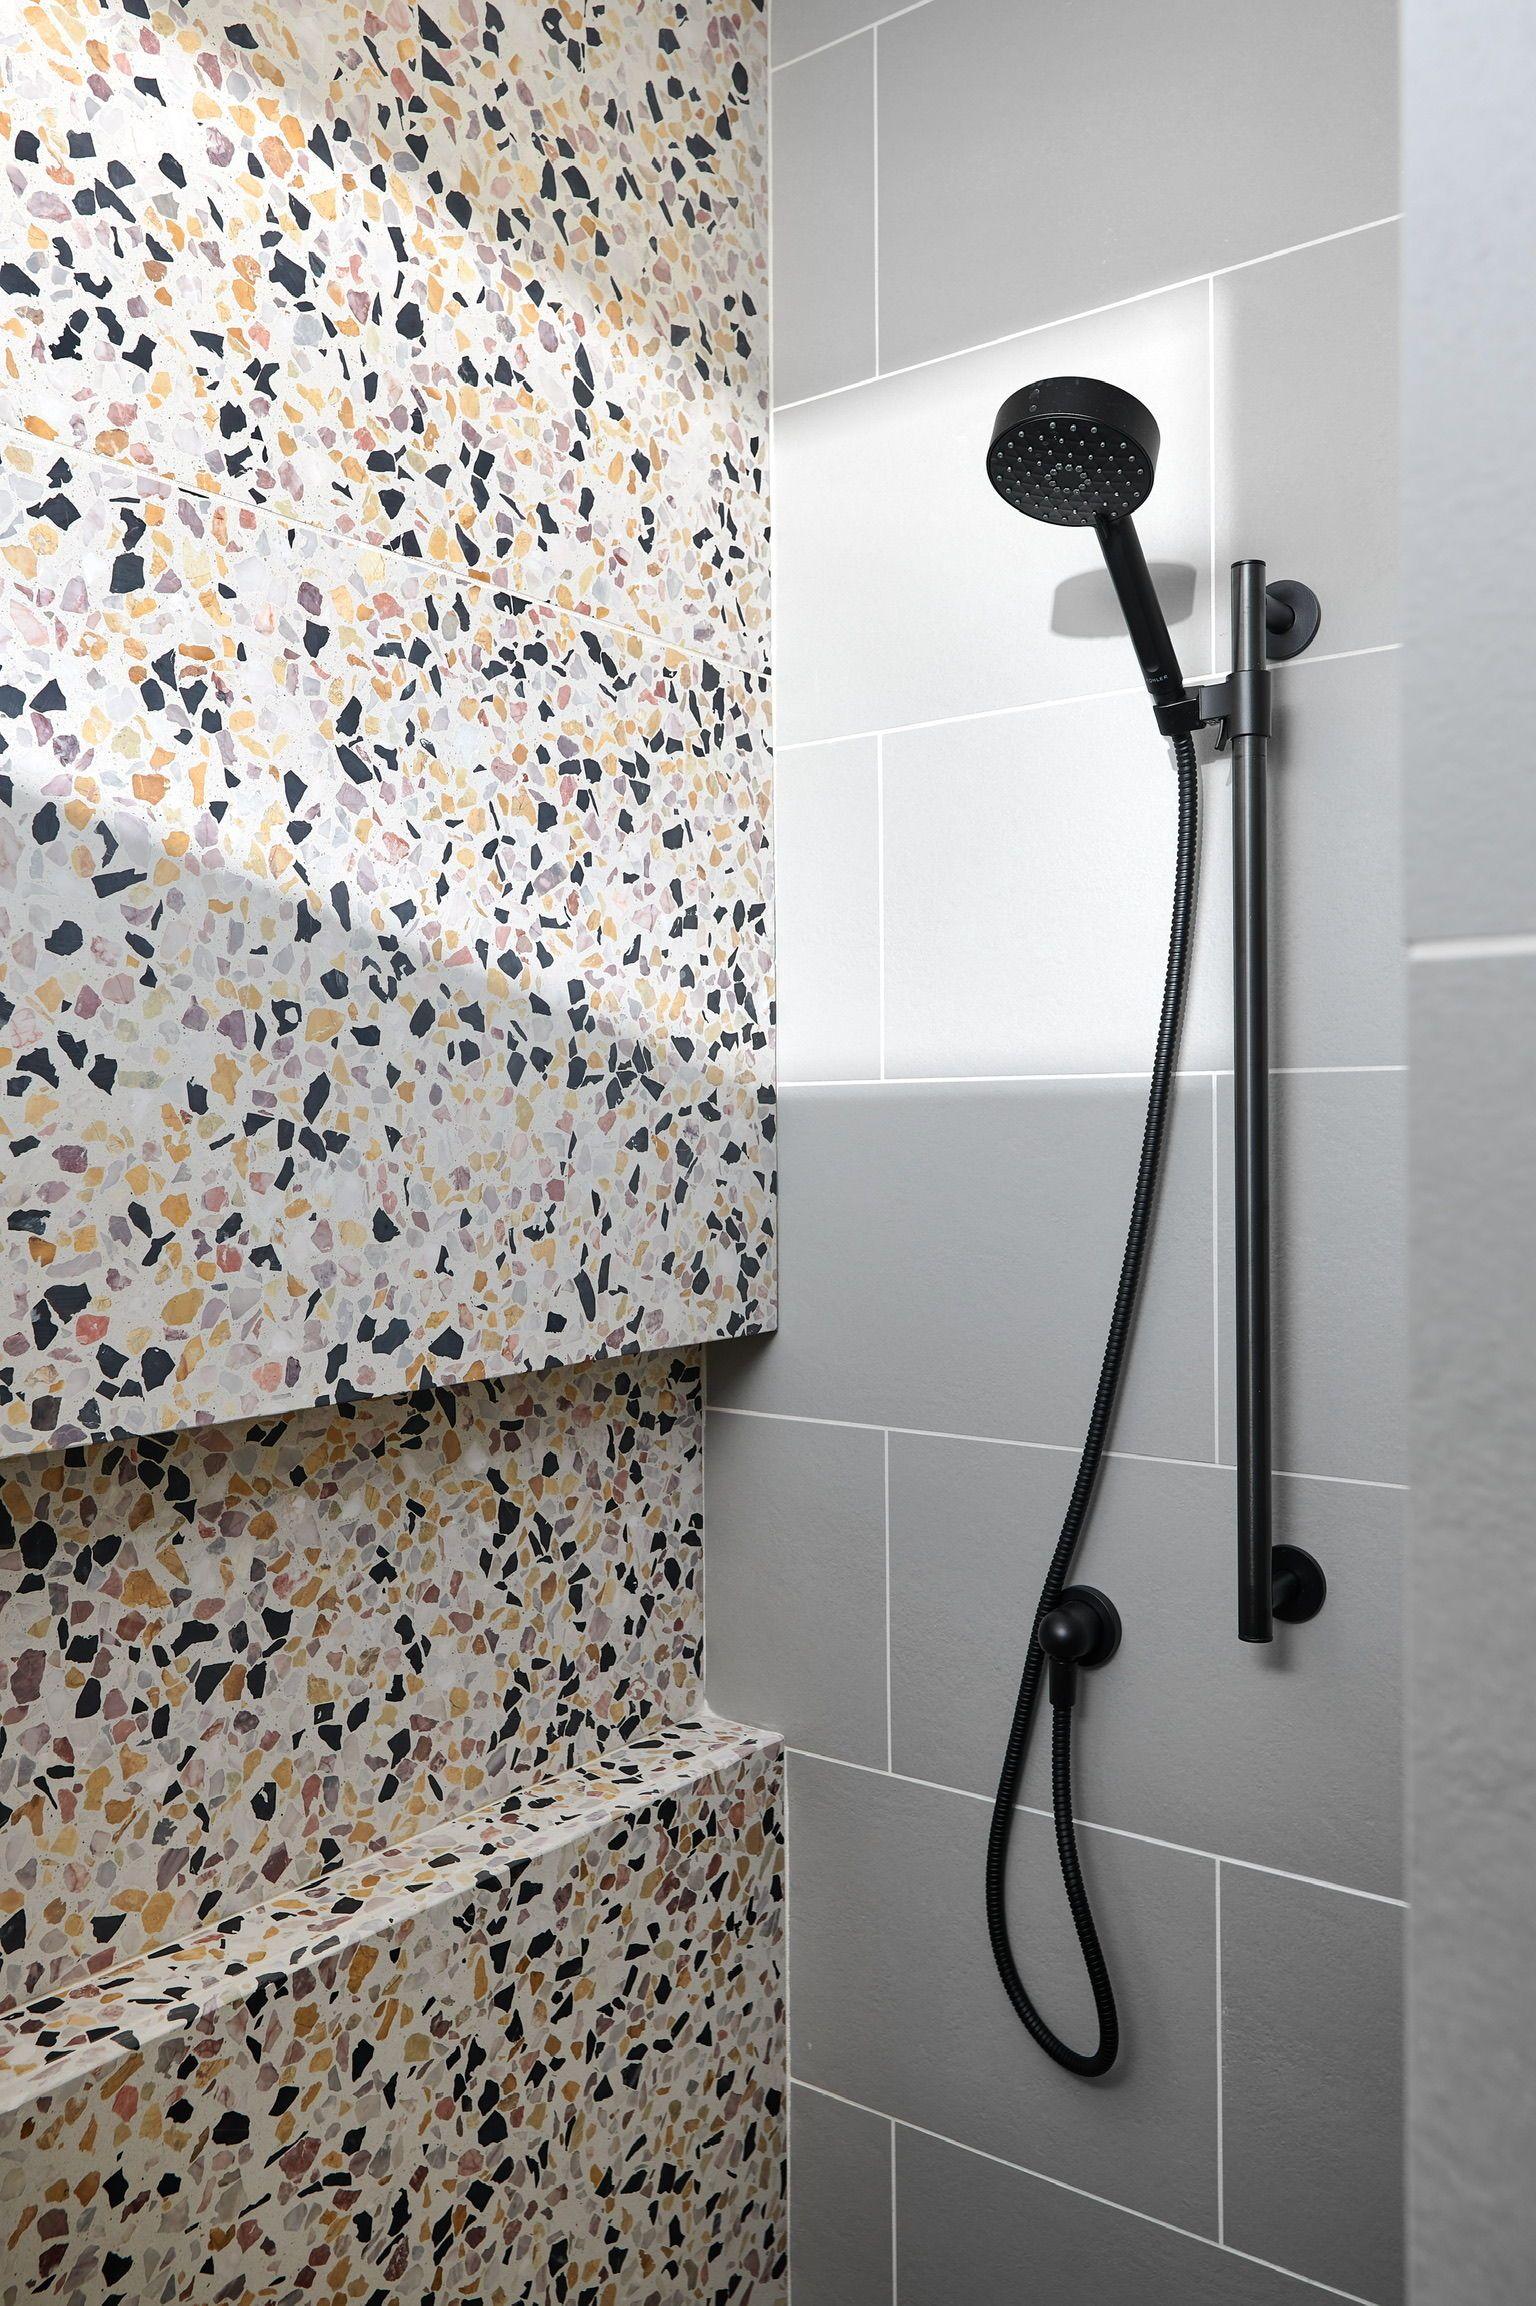 Terrazzo Shower Modern In 2020 Bathroom Design Decor Modern Shower Tile Style Tile